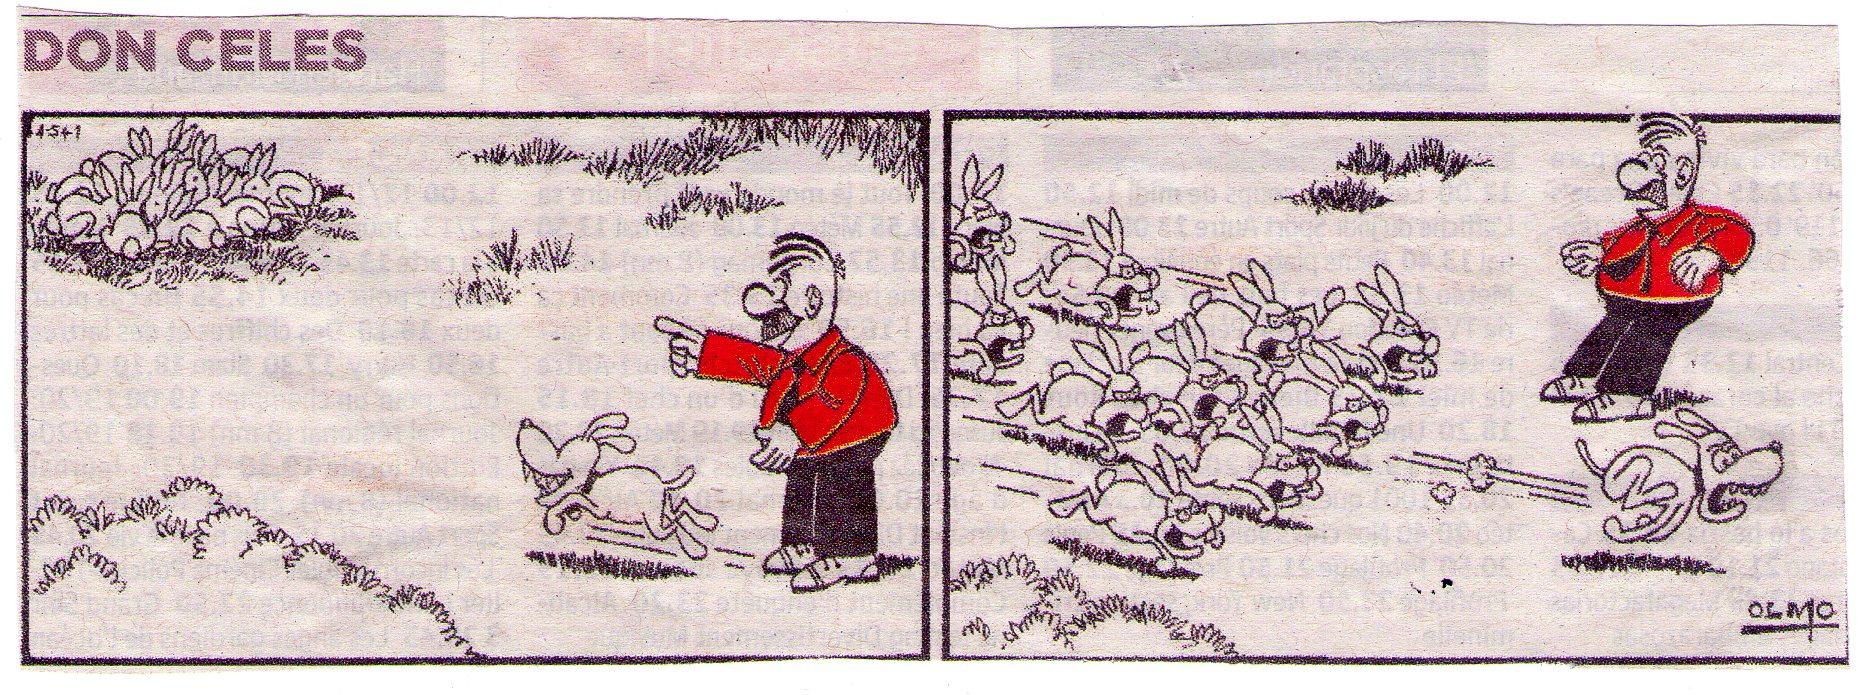 Don Celes un perro y unos conejos agresivos